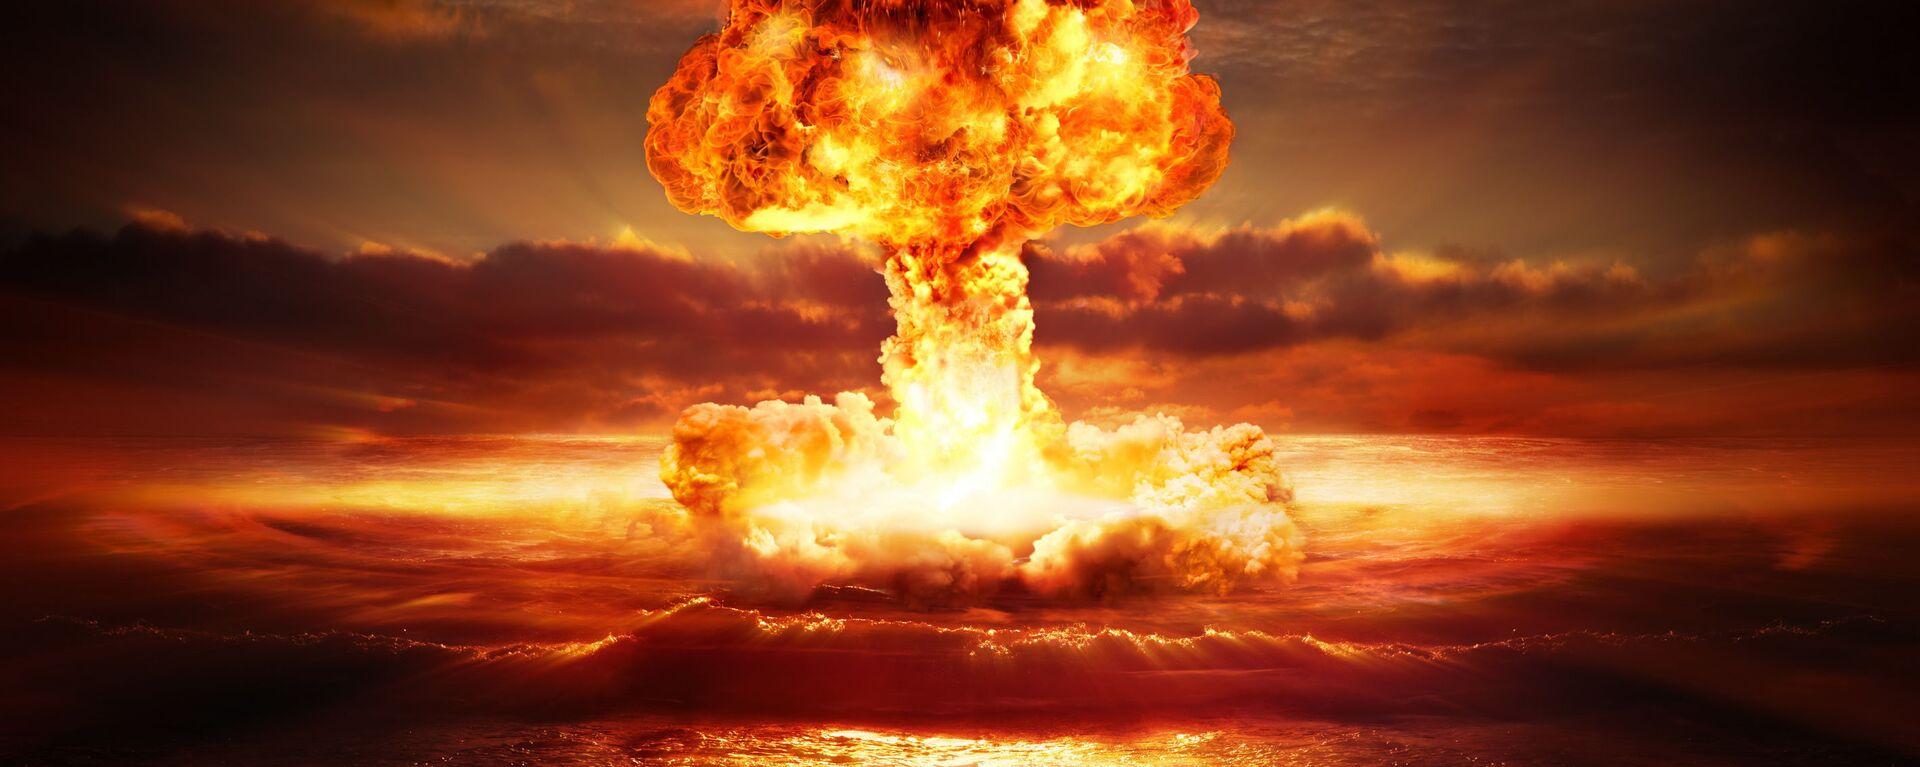 Ядерный взрыв - Sputnik Ўзбекистон, 1920, 15.10.2020